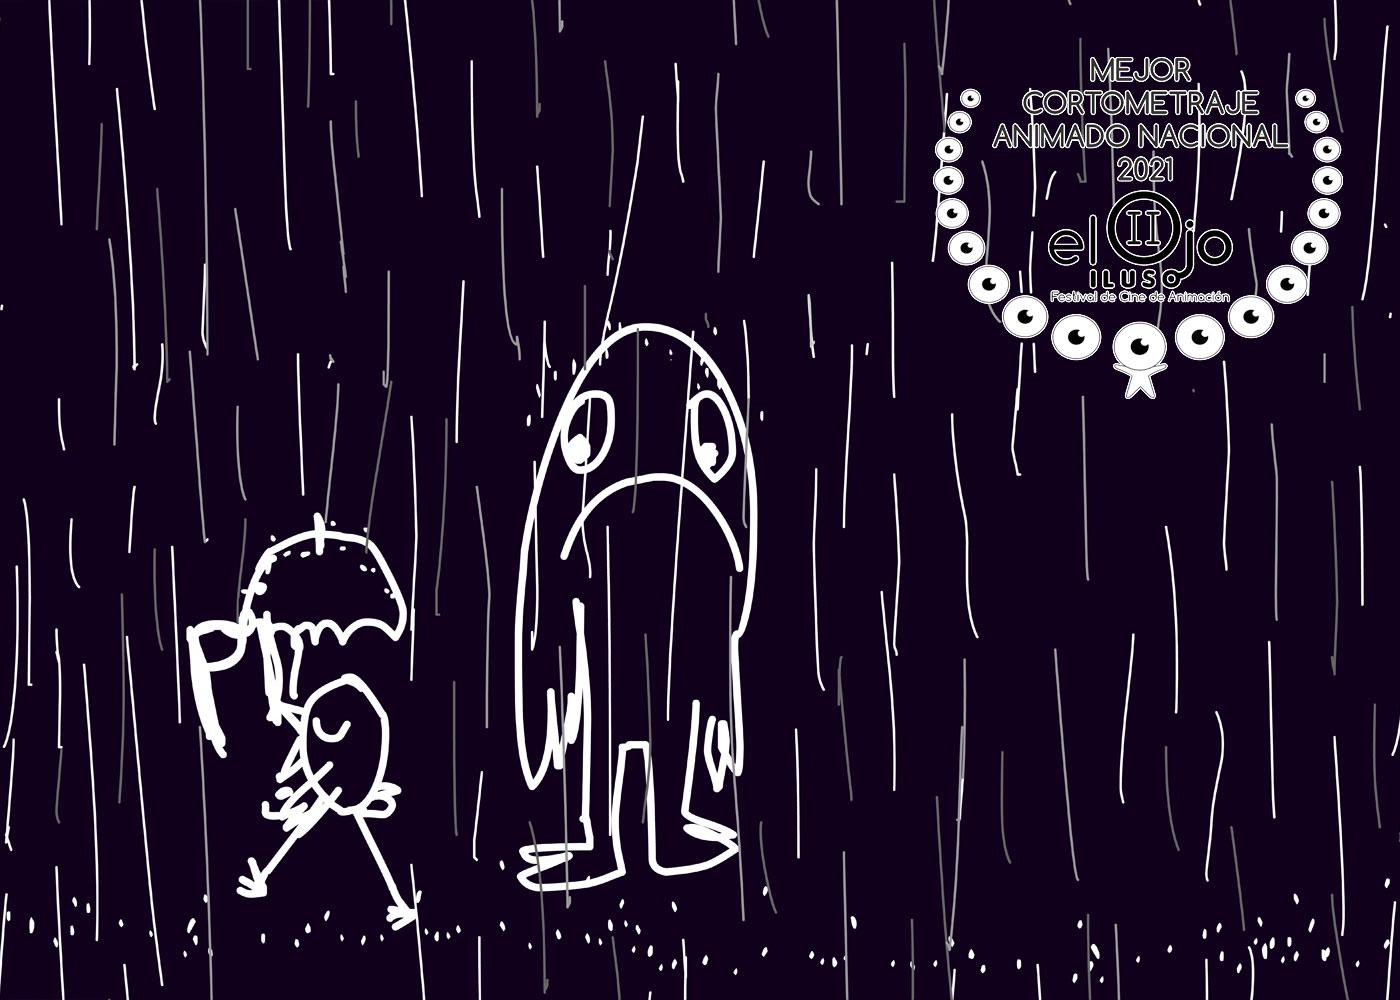 Ojos bien abiertos a la animación mundial